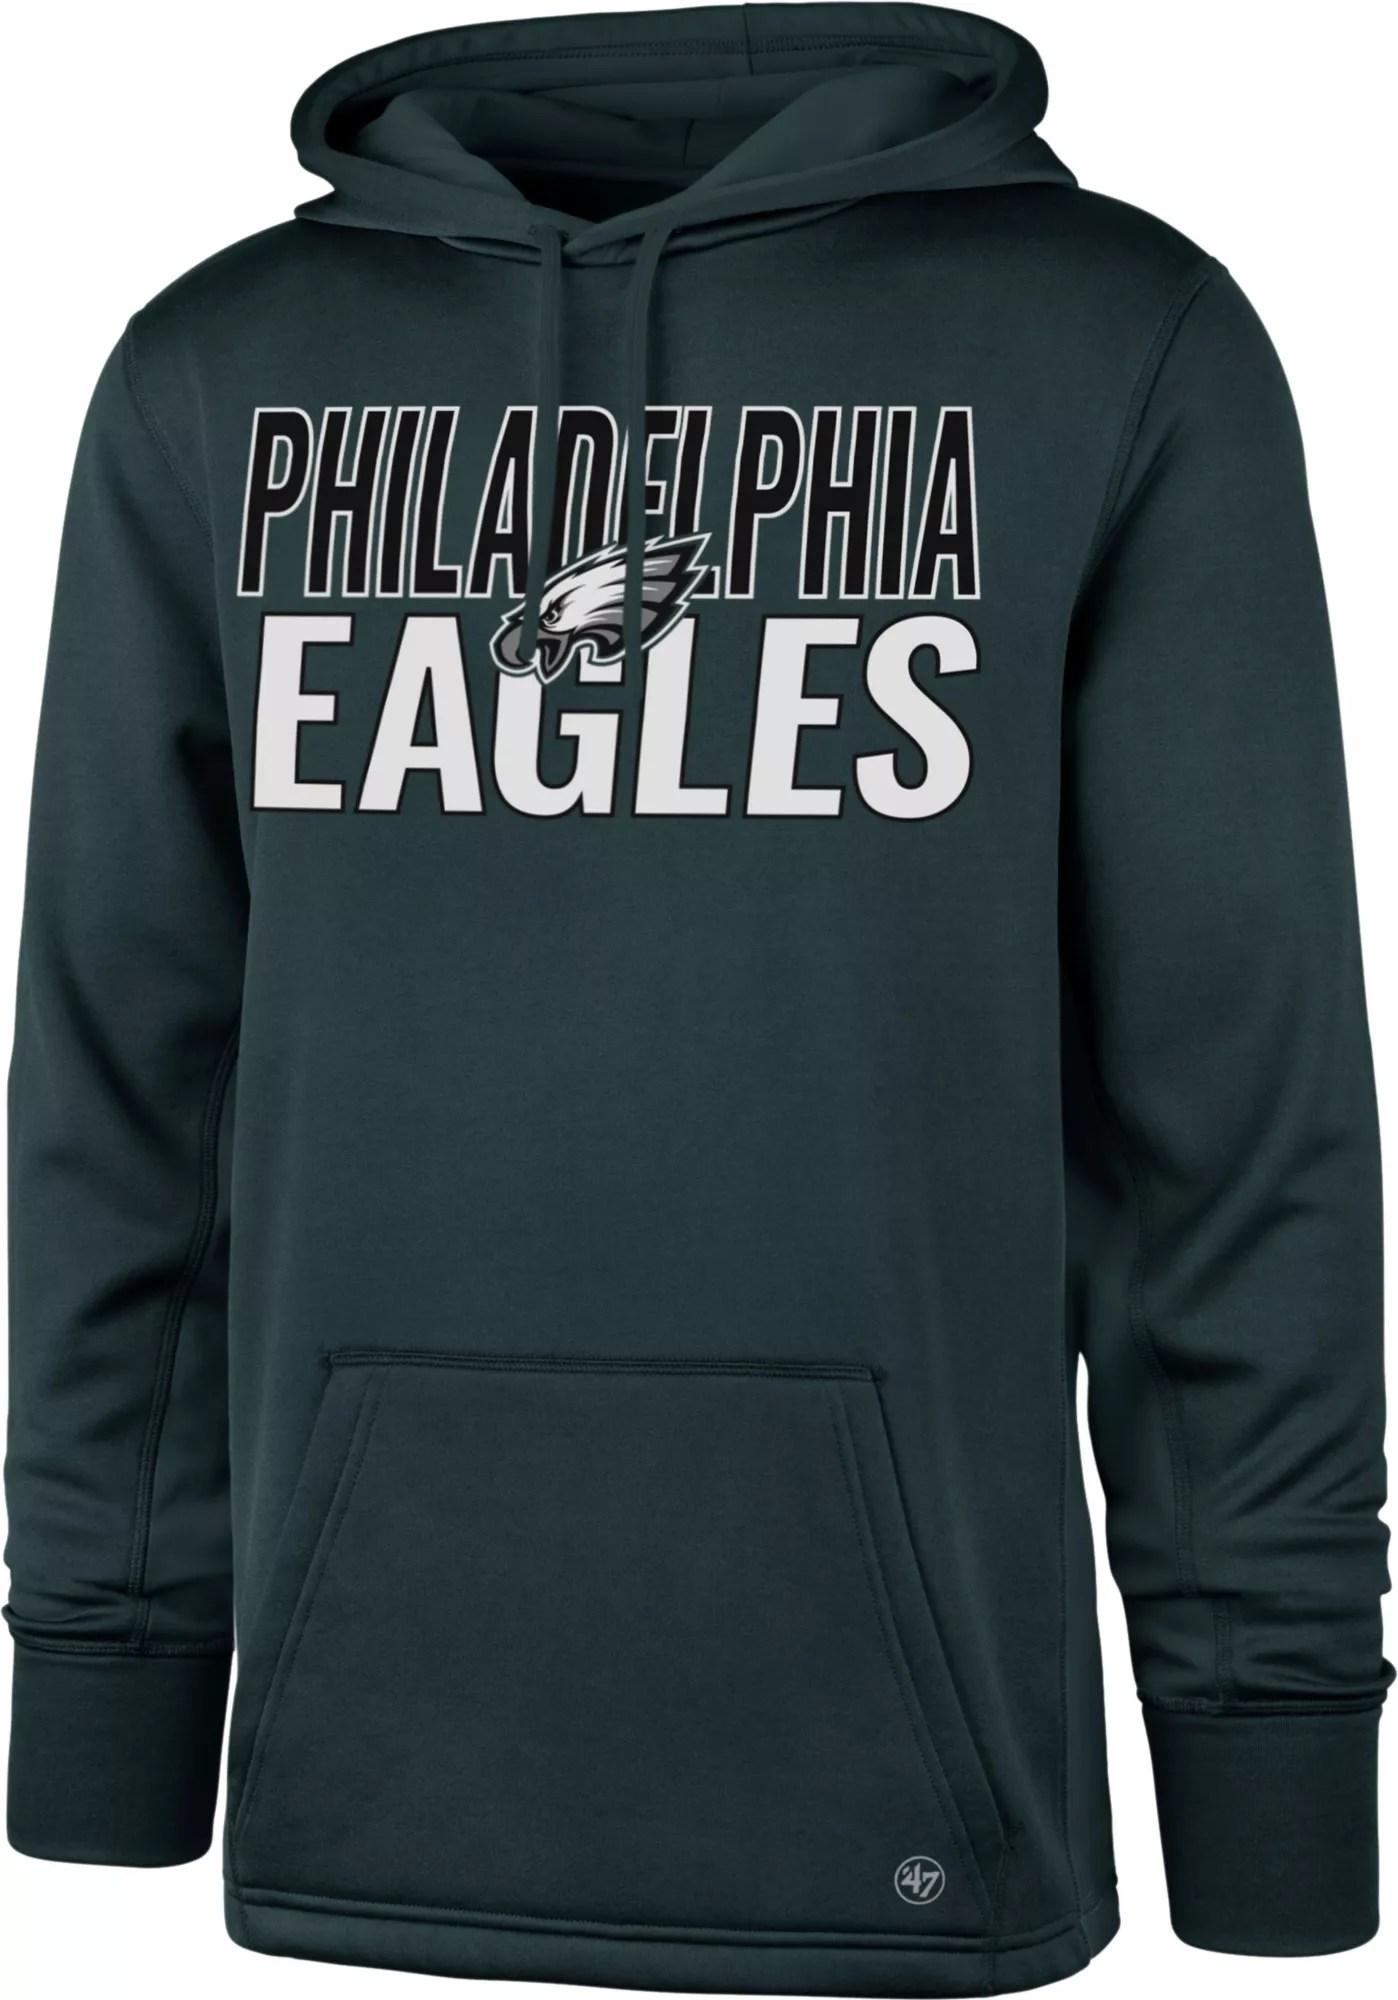 philadelphia eagles hoodie # 69